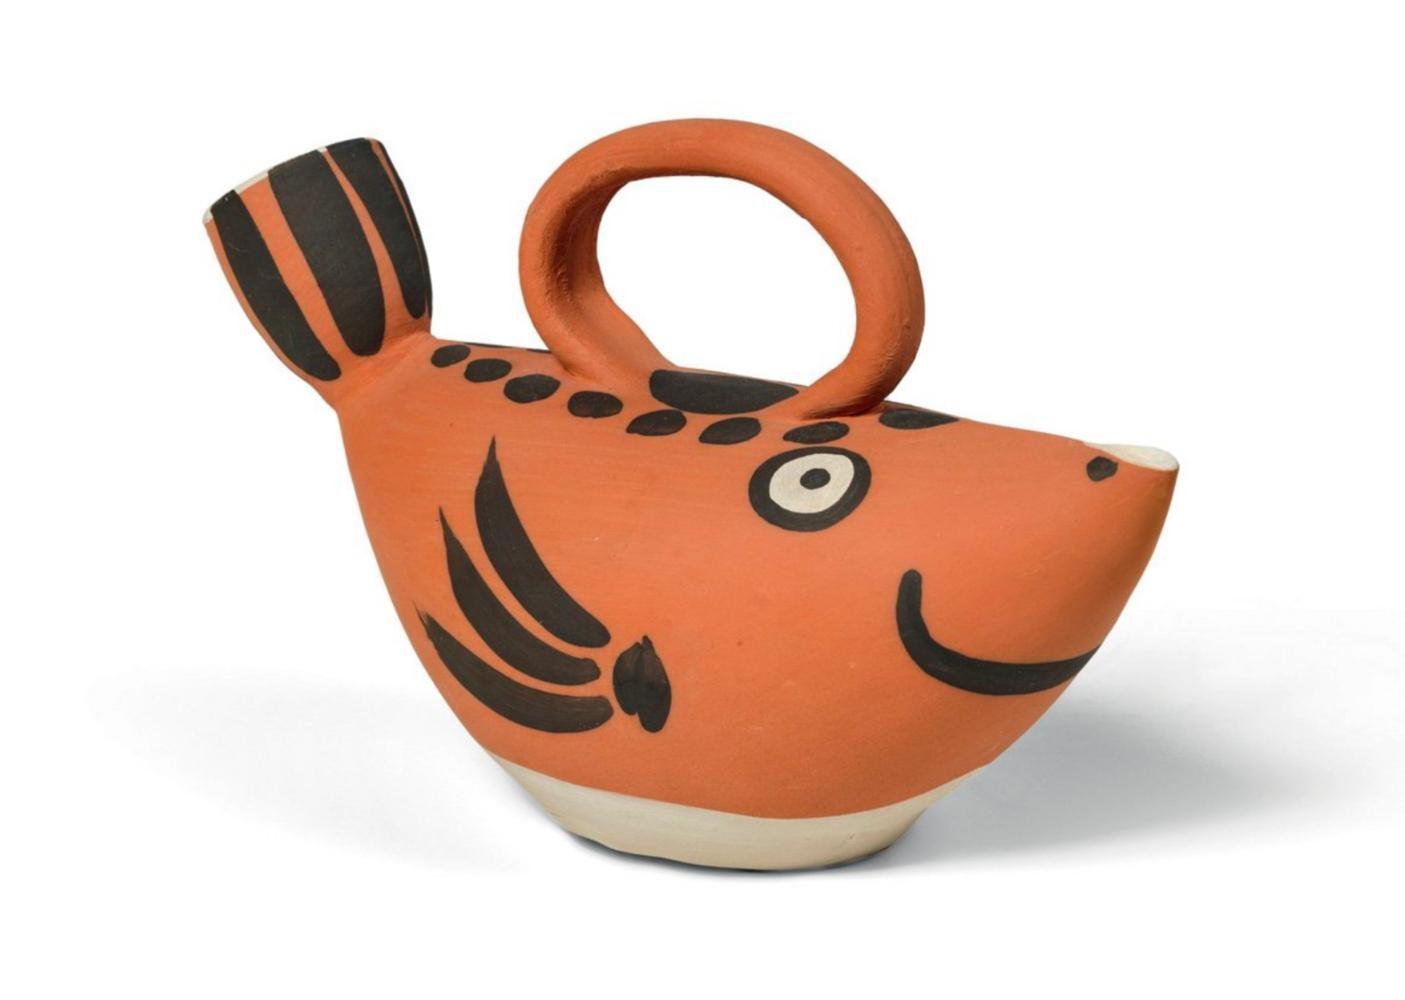 Pichet Poisson, Pablo Picasso, Ceramic, Madoura Vallauris, Fish, Sculpture, 50's